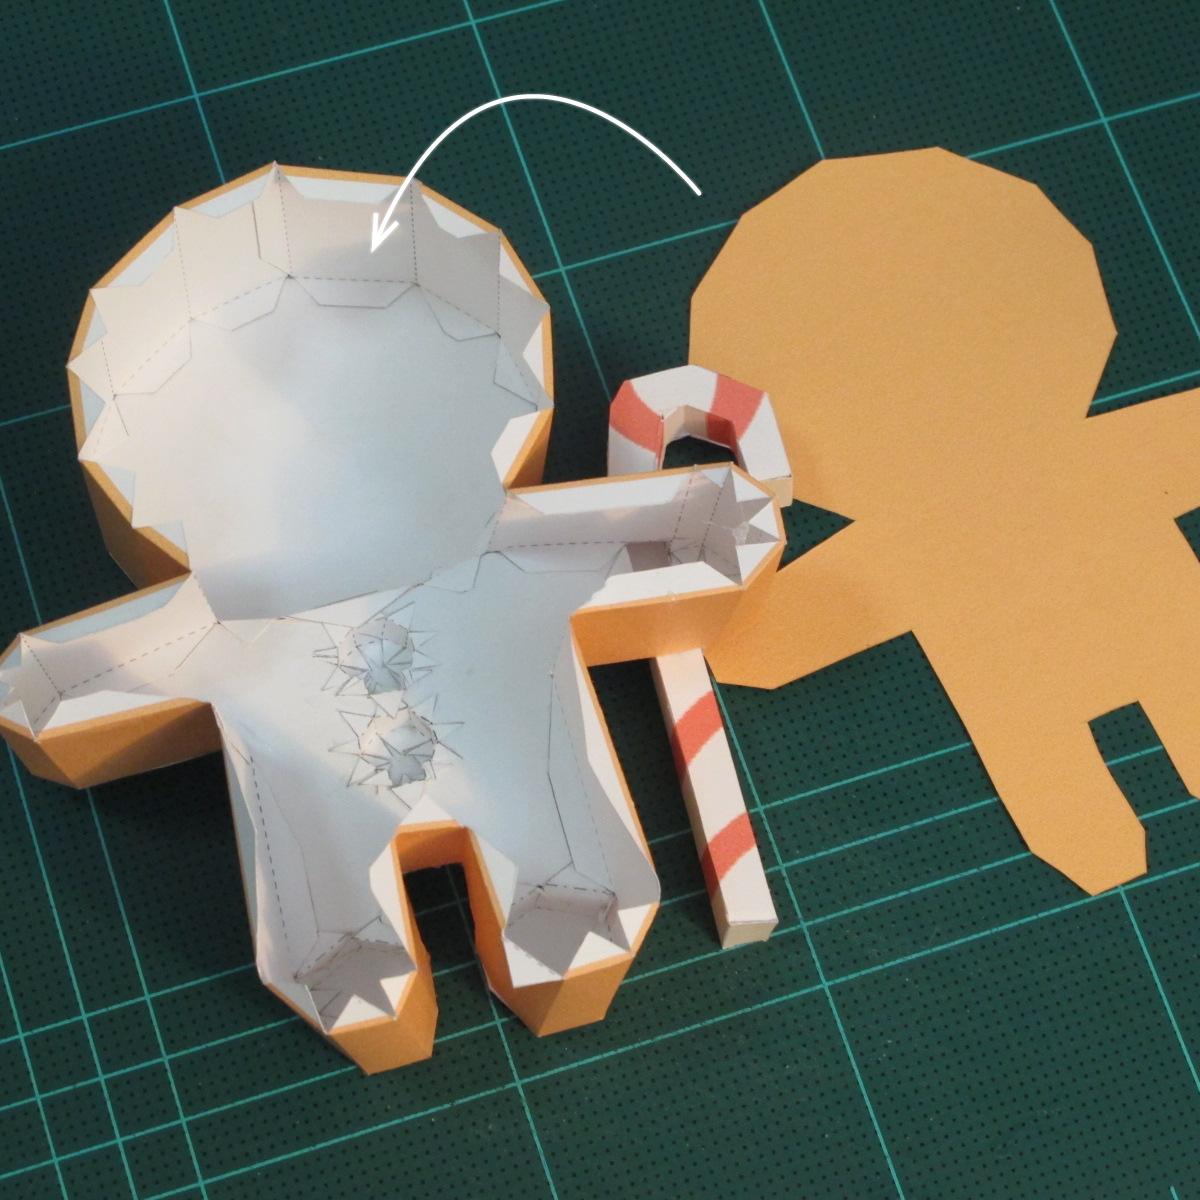 วิธีทำโมเดลกระดาษตุ้กตาคุกกี้รัน คุกกี้ผู้กล้าหาญ แบบที่ 2 (LINE Cookie Run Brave Cookie Papercraft Model Version 2) 022